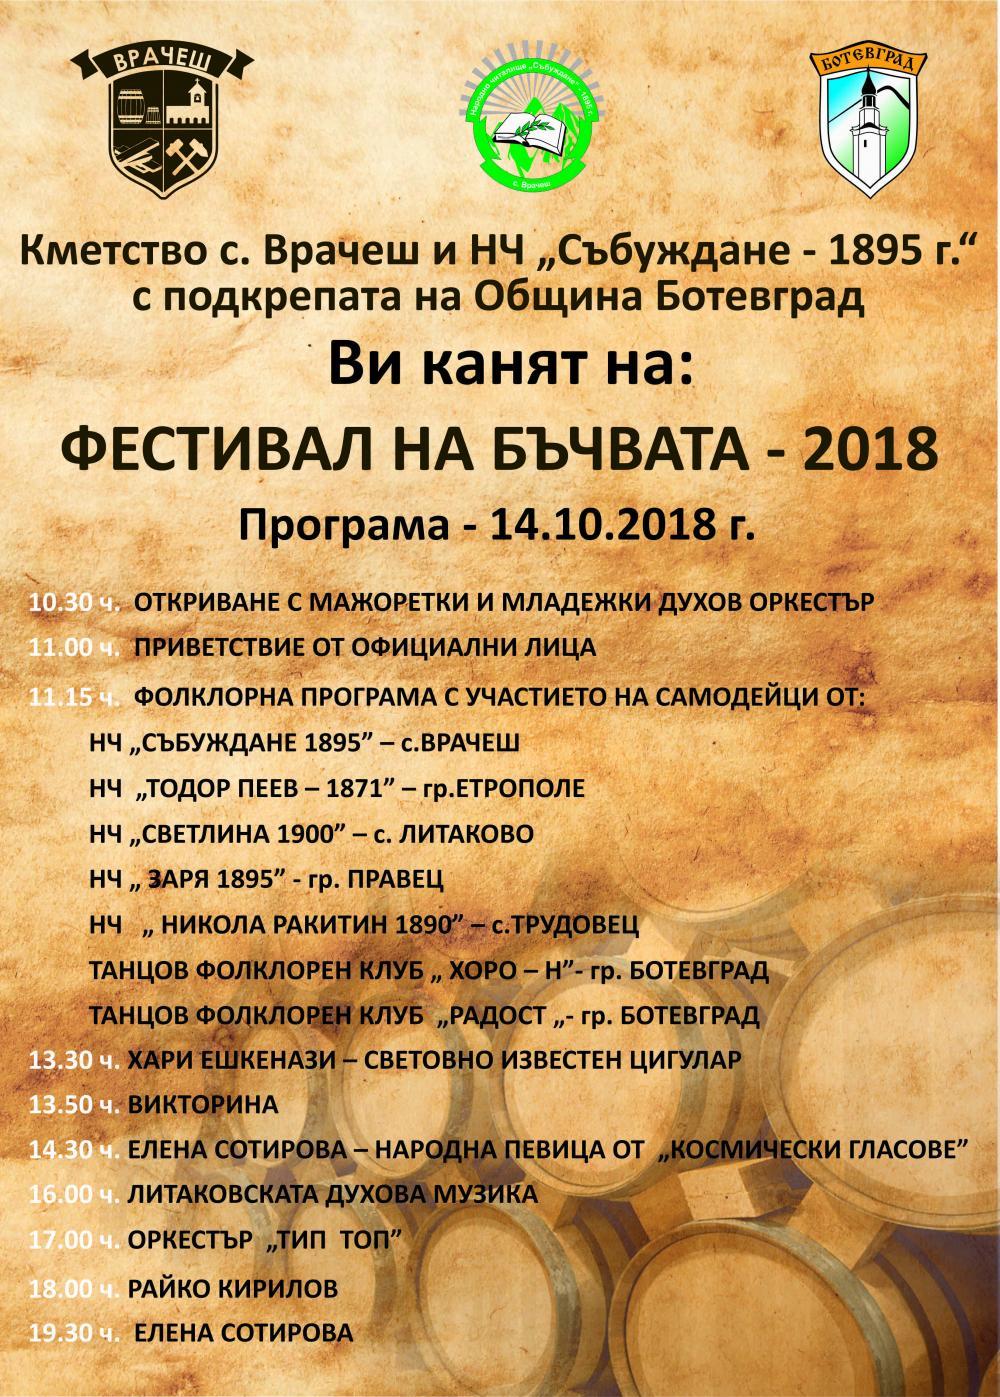 Фестивал на бъчвата - 2018